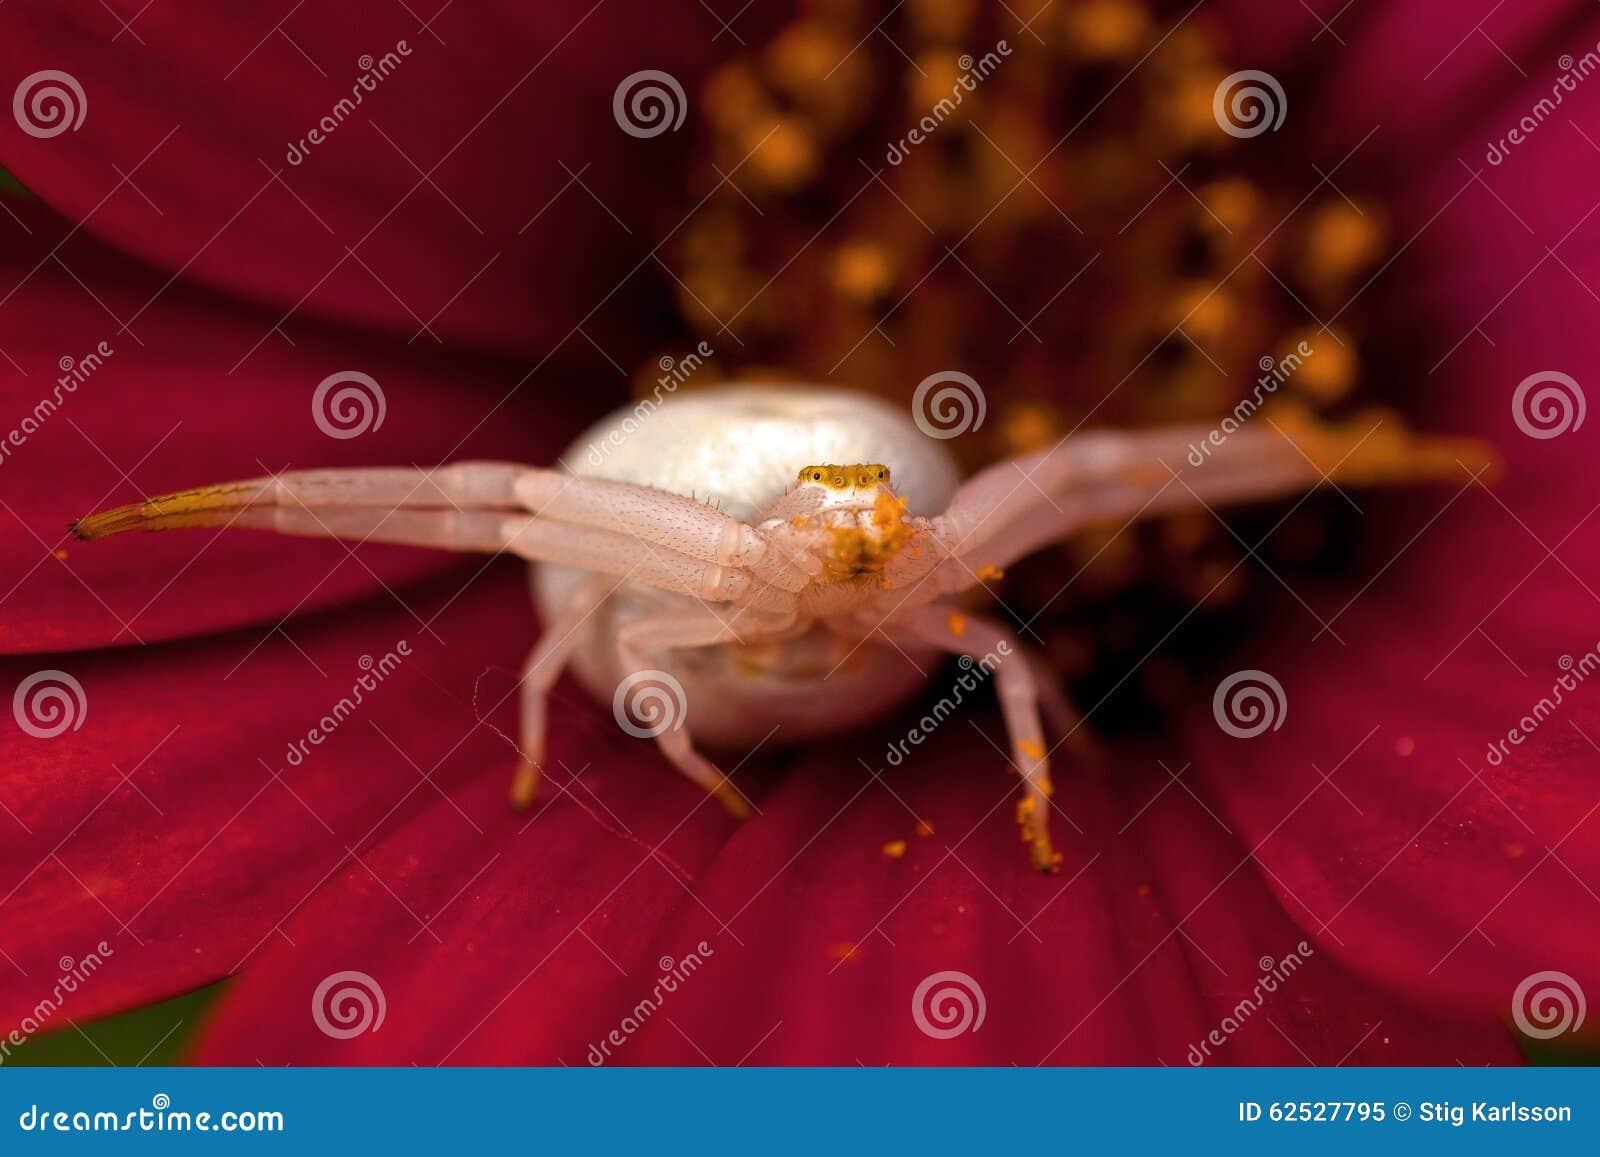 花螃蟹蜘蛛, Thomisidae Misumena vatia